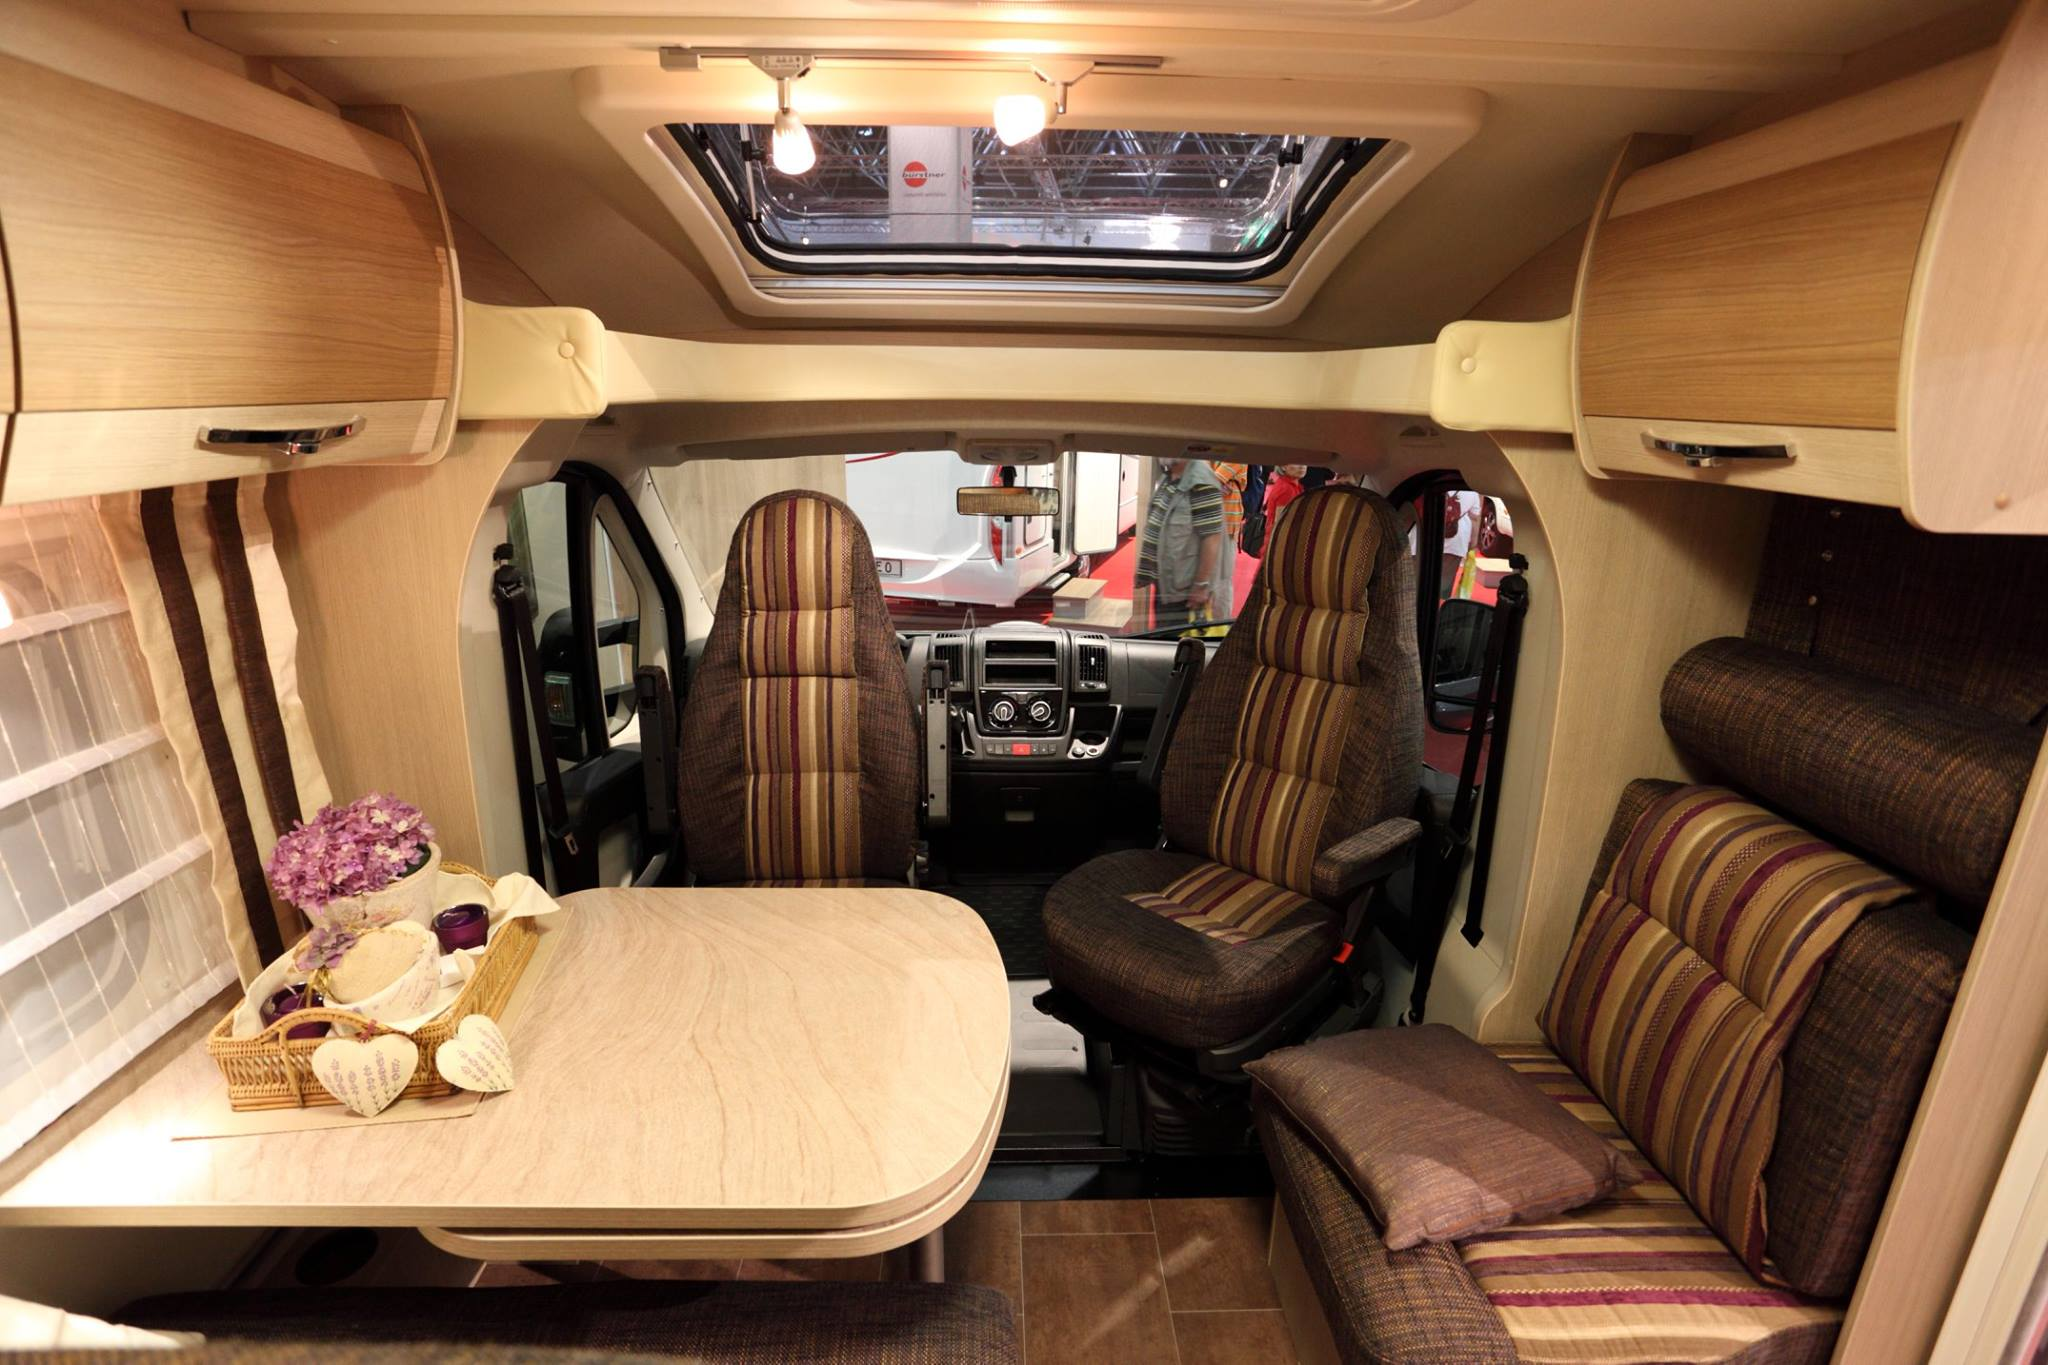 auvent adm nous r alisons l auvent de vos r ves comme vous l 39 avez r v. Black Bedroom Furniture Sets. Home Design Ideas